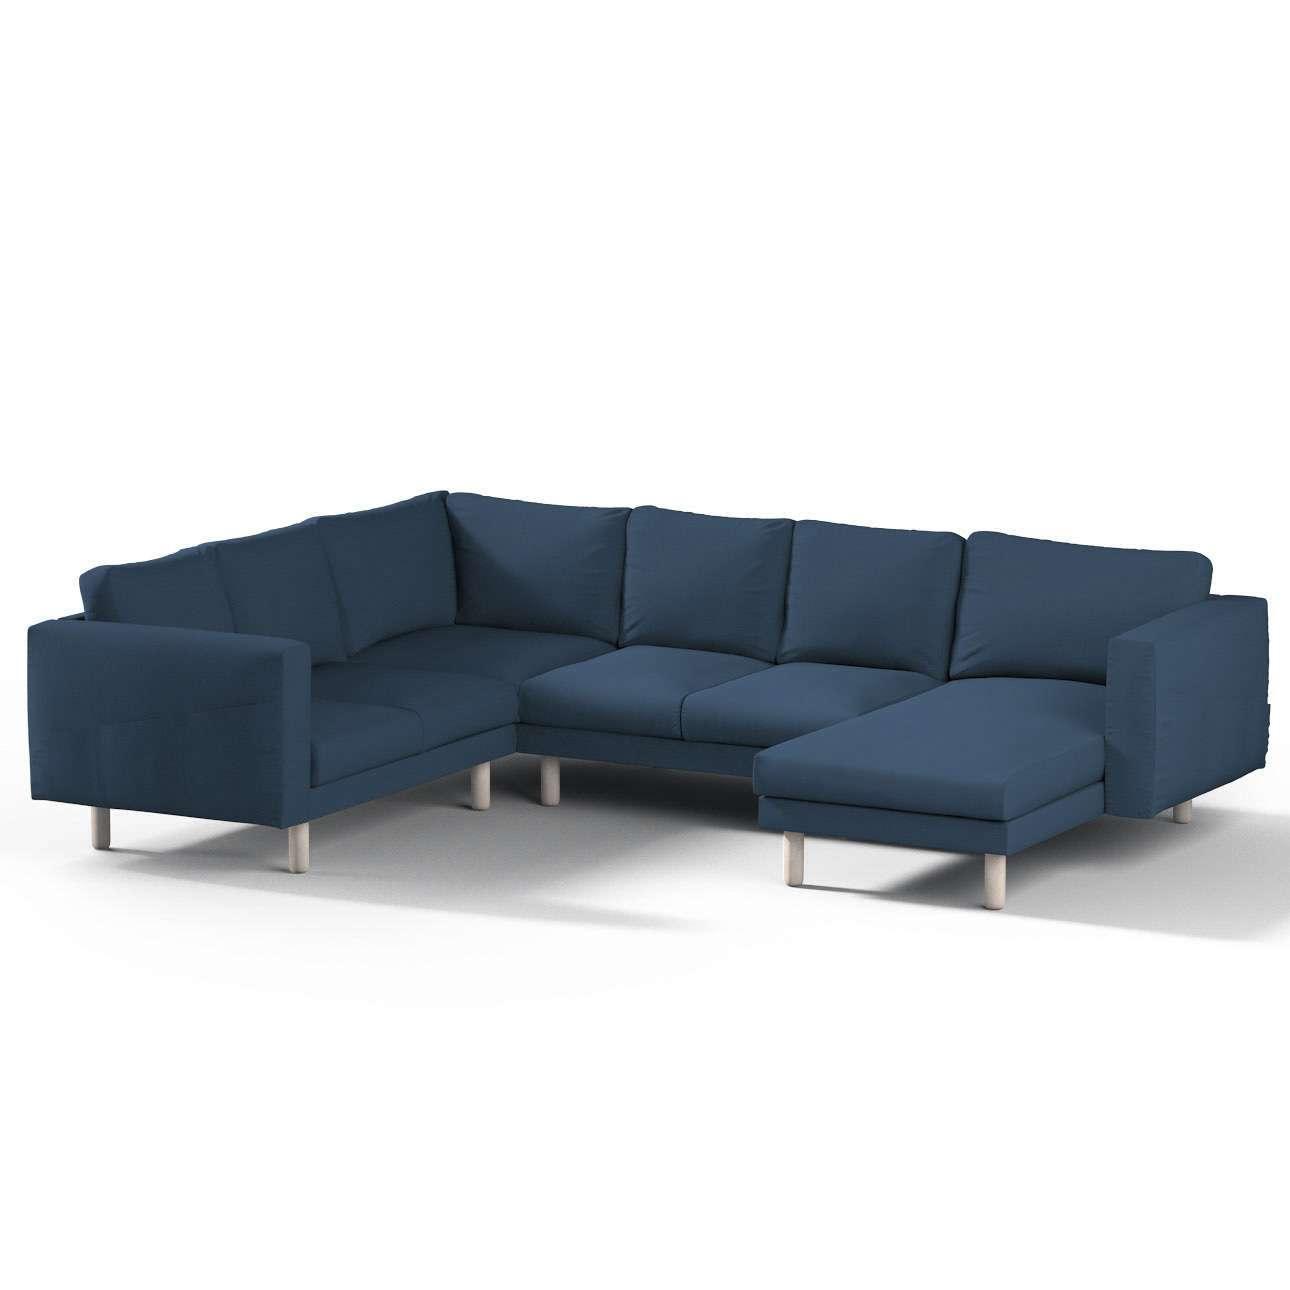 Pokrowiec na sofę narożną Norsborg 5-osobową z szezlongiem w kolekcji Cotton Panama, tkanina: 702-30